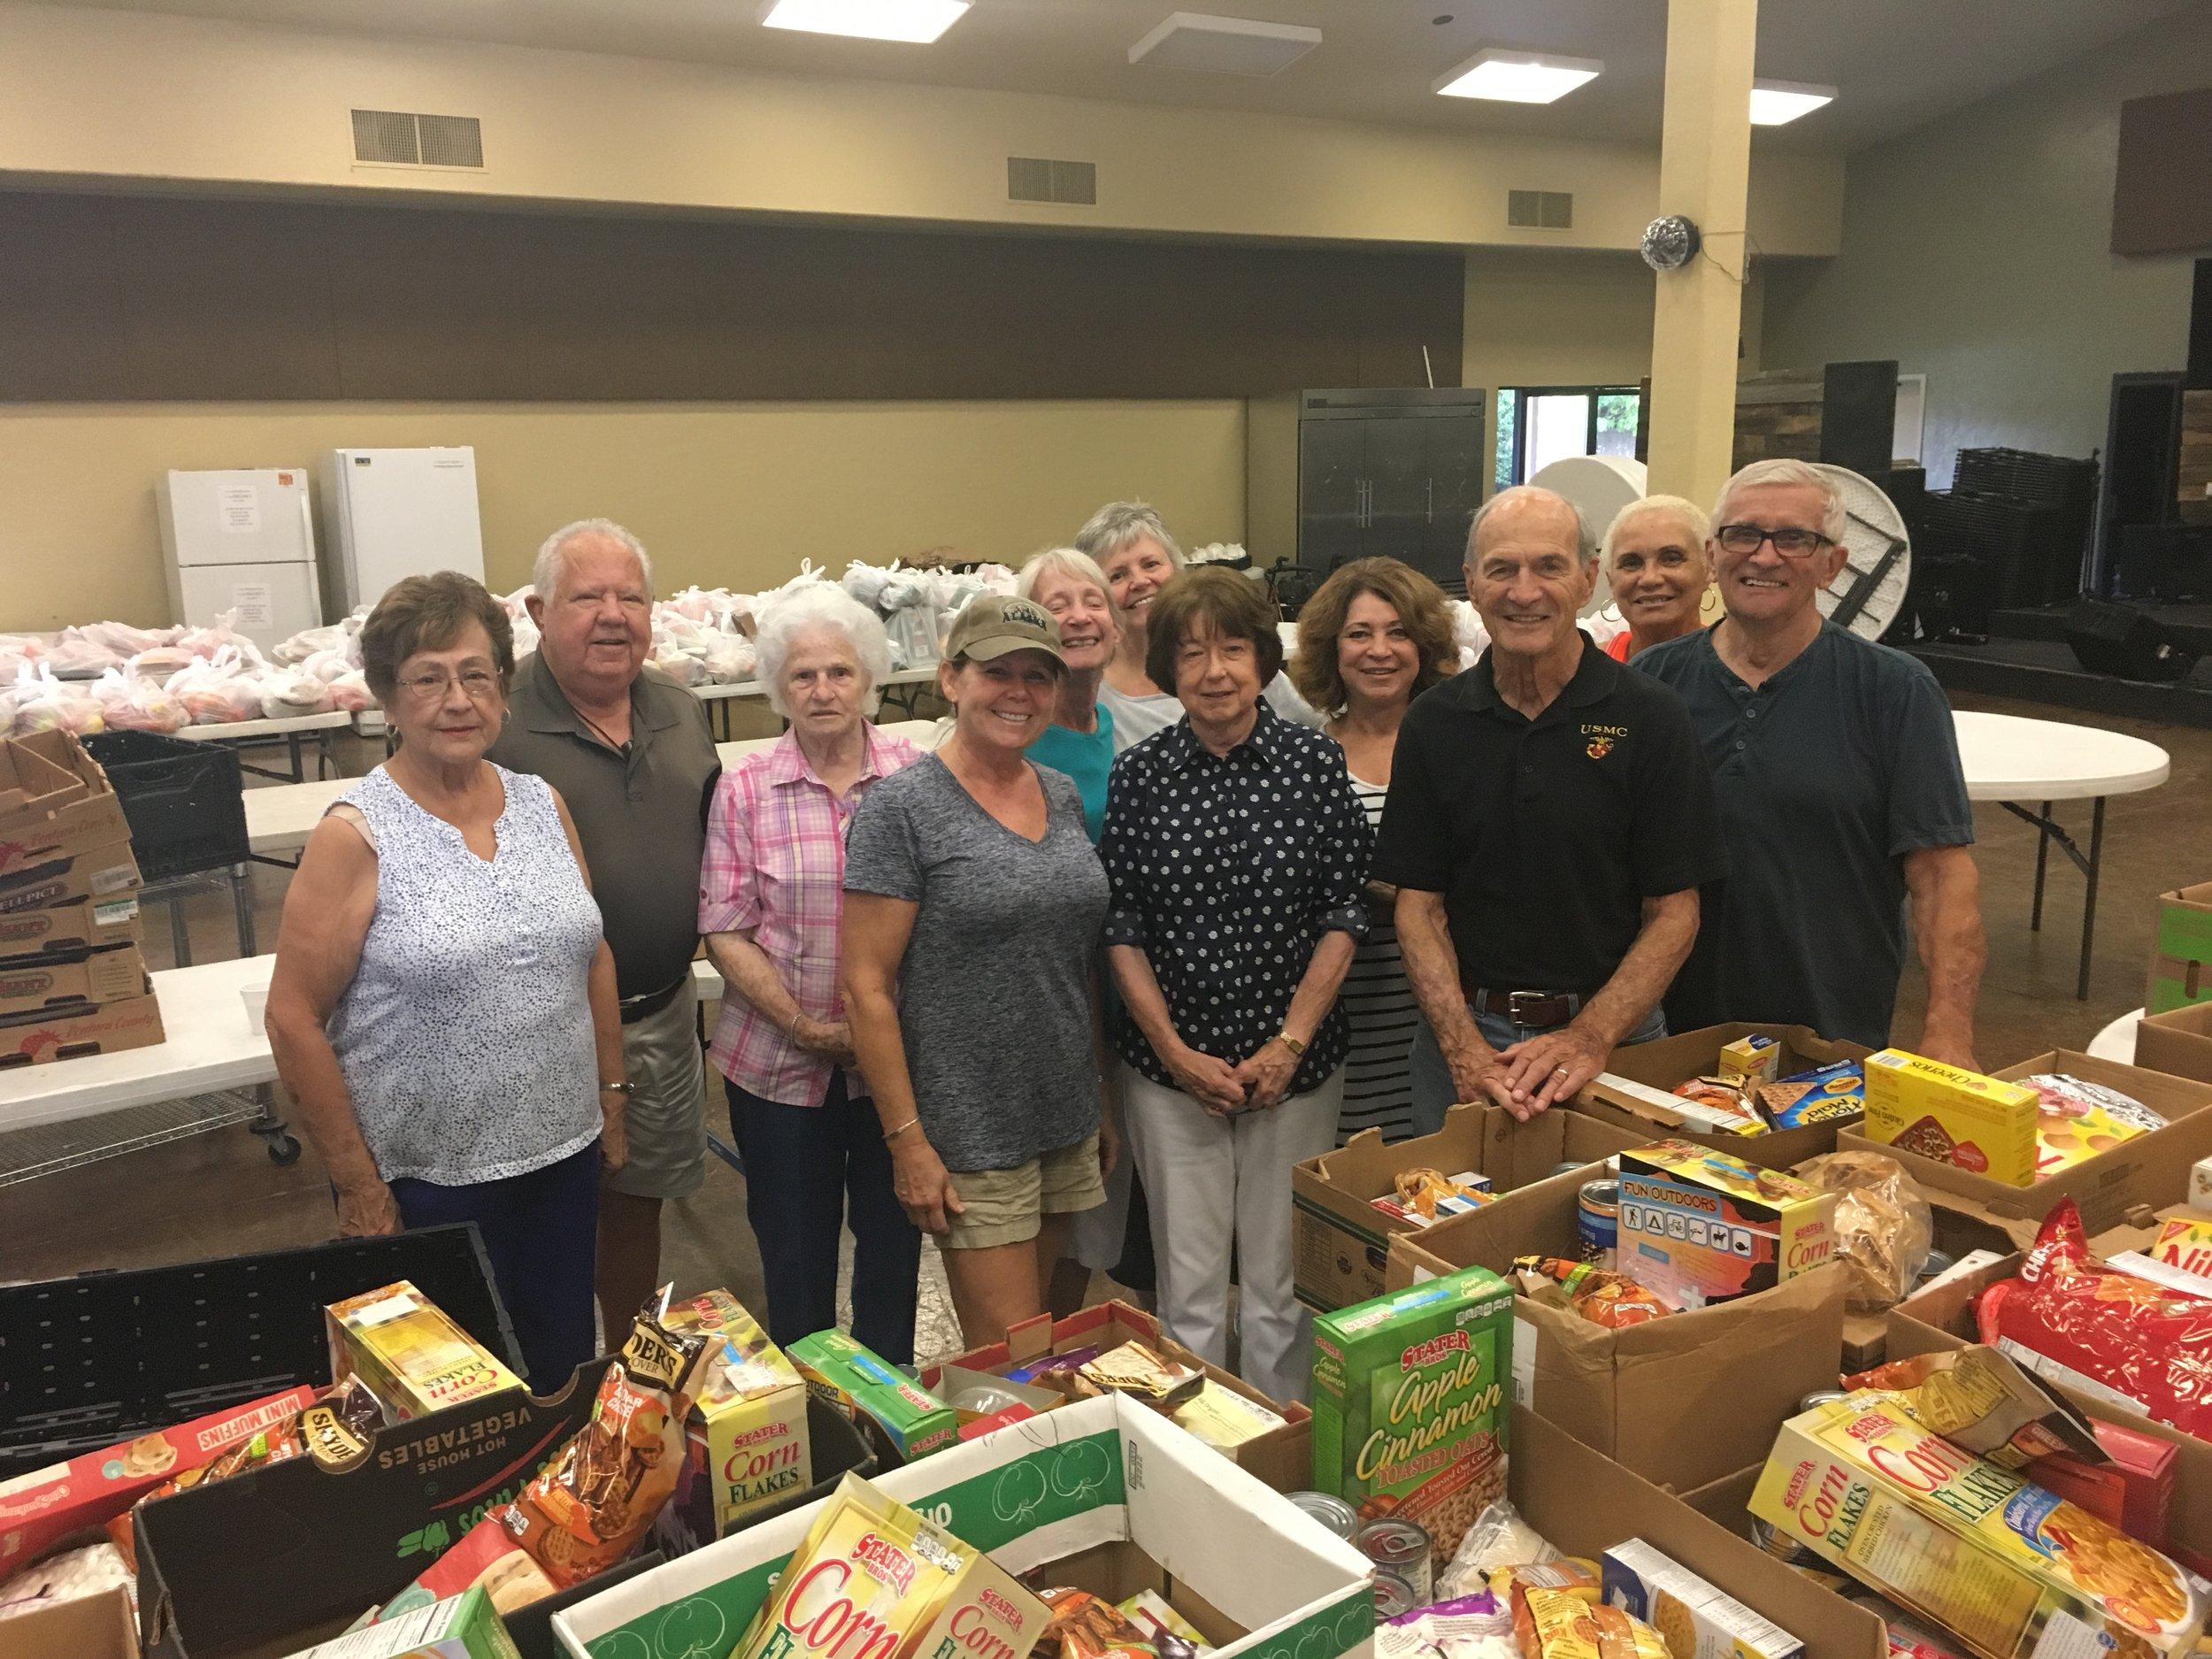 Crossroads church hunger project team: